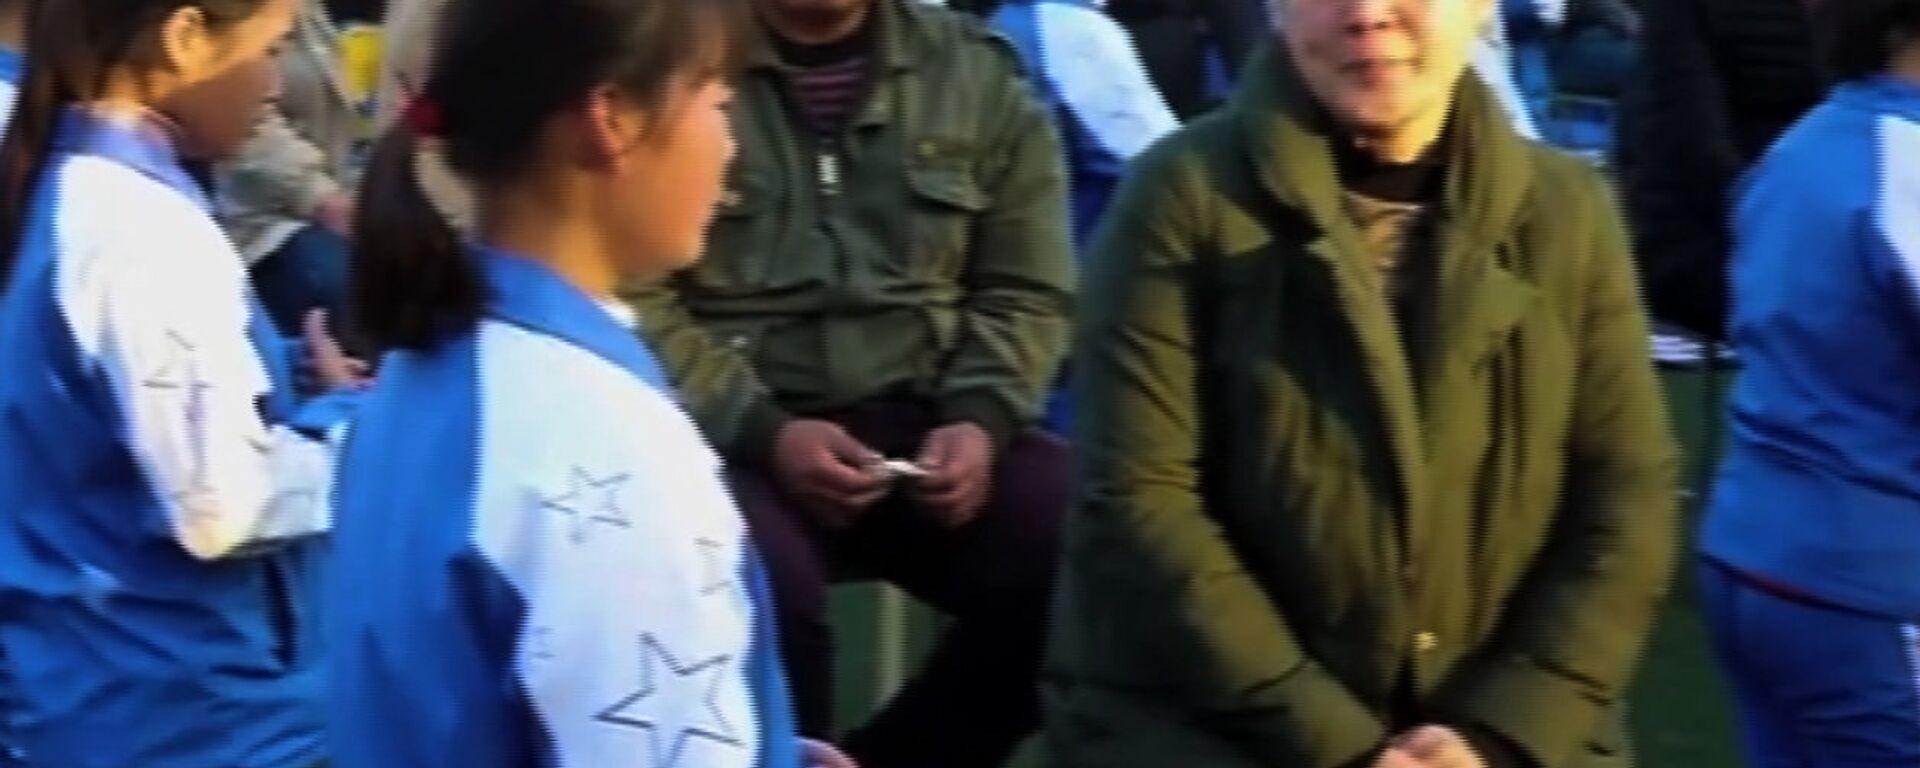 Παιδιά από την Κίνα δείχνουν ευγνωμοσύνη στους γονείς με έναν απρόσμενο τρόπο - Sputnik Ελλάδα, 1920, 05.12.2018